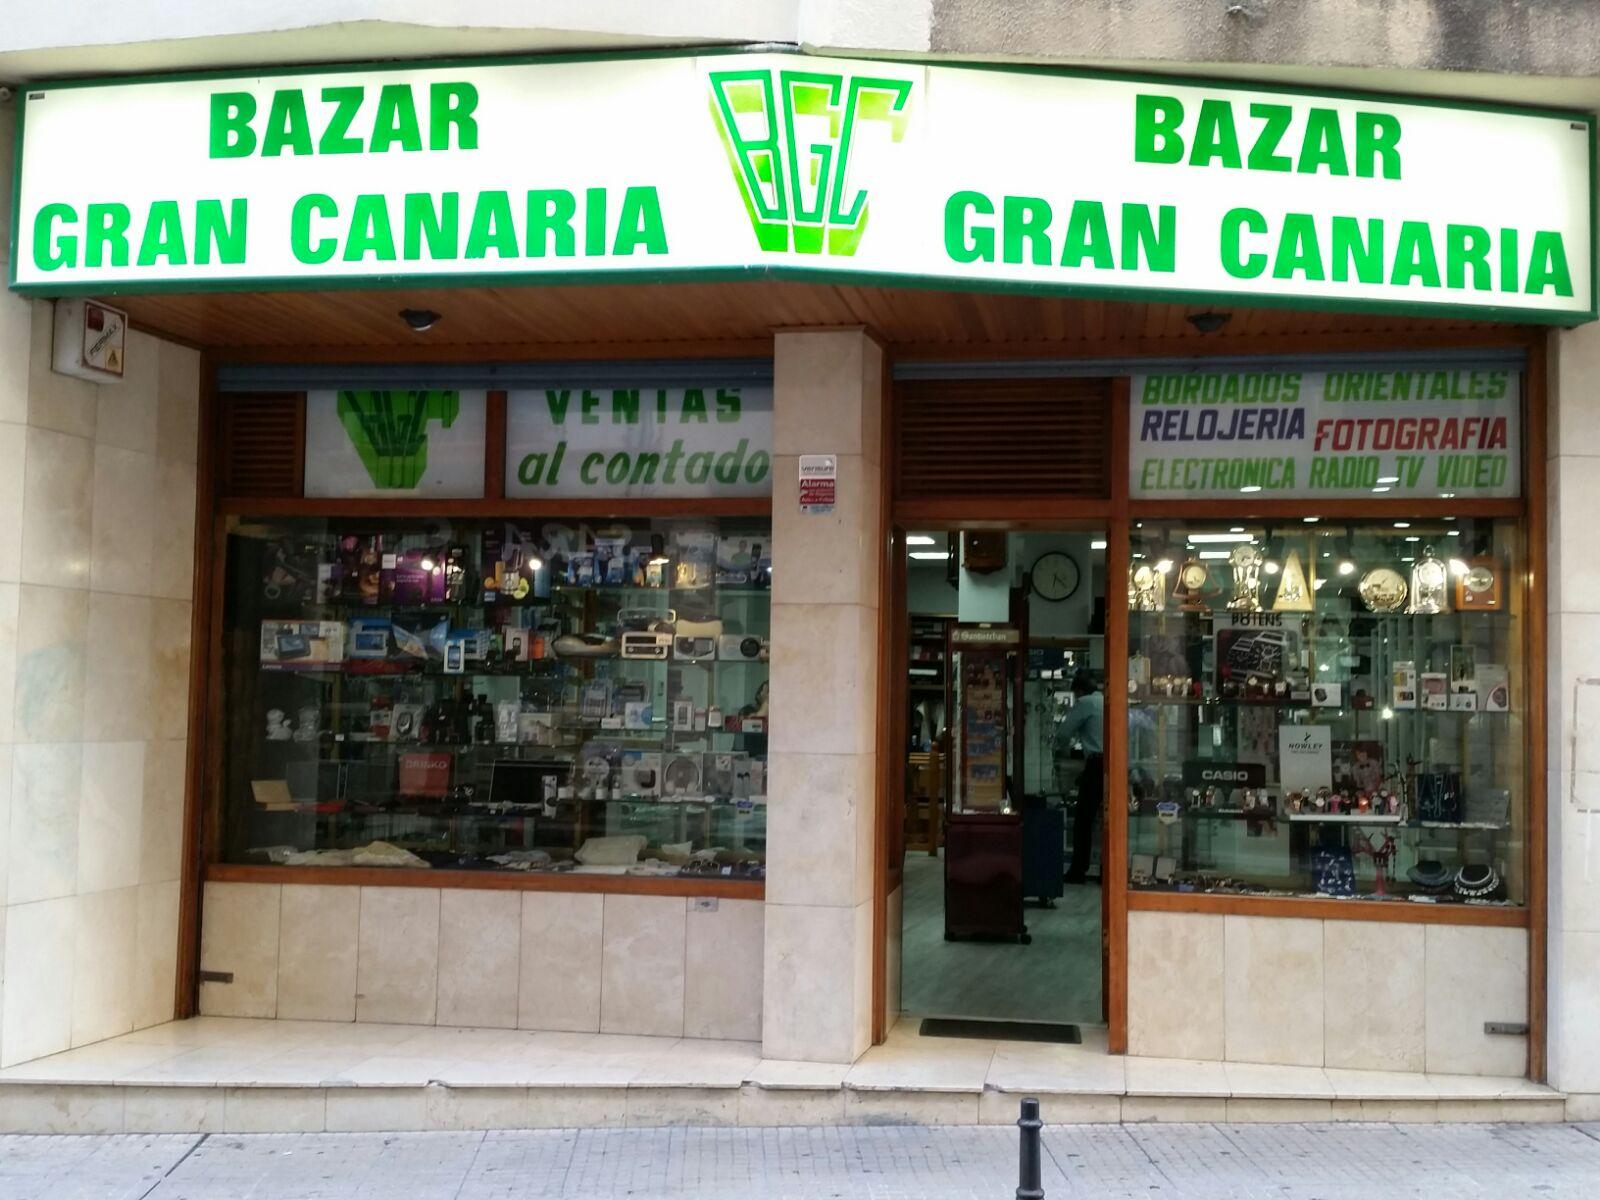 BAZAR GRAN CANARIA